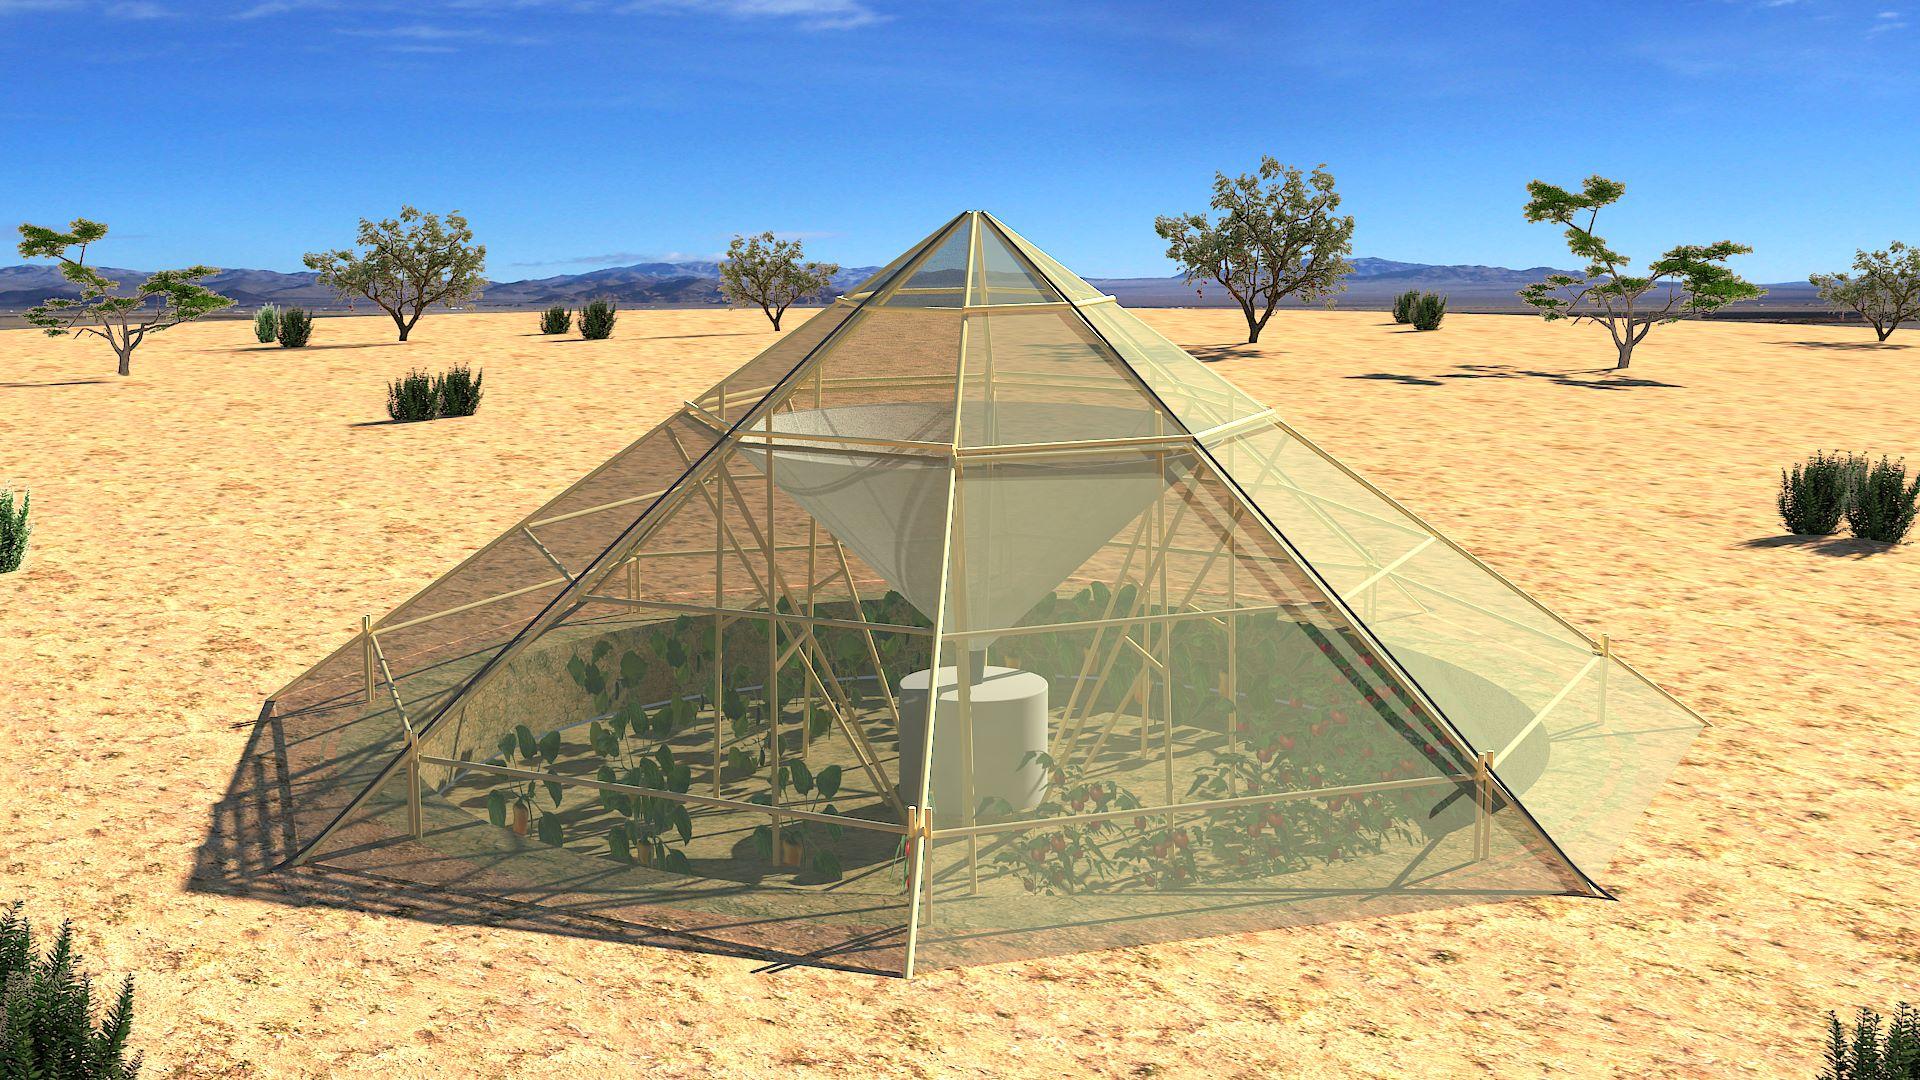 Un invernadero que logra hacer crecer plantas en el desierto